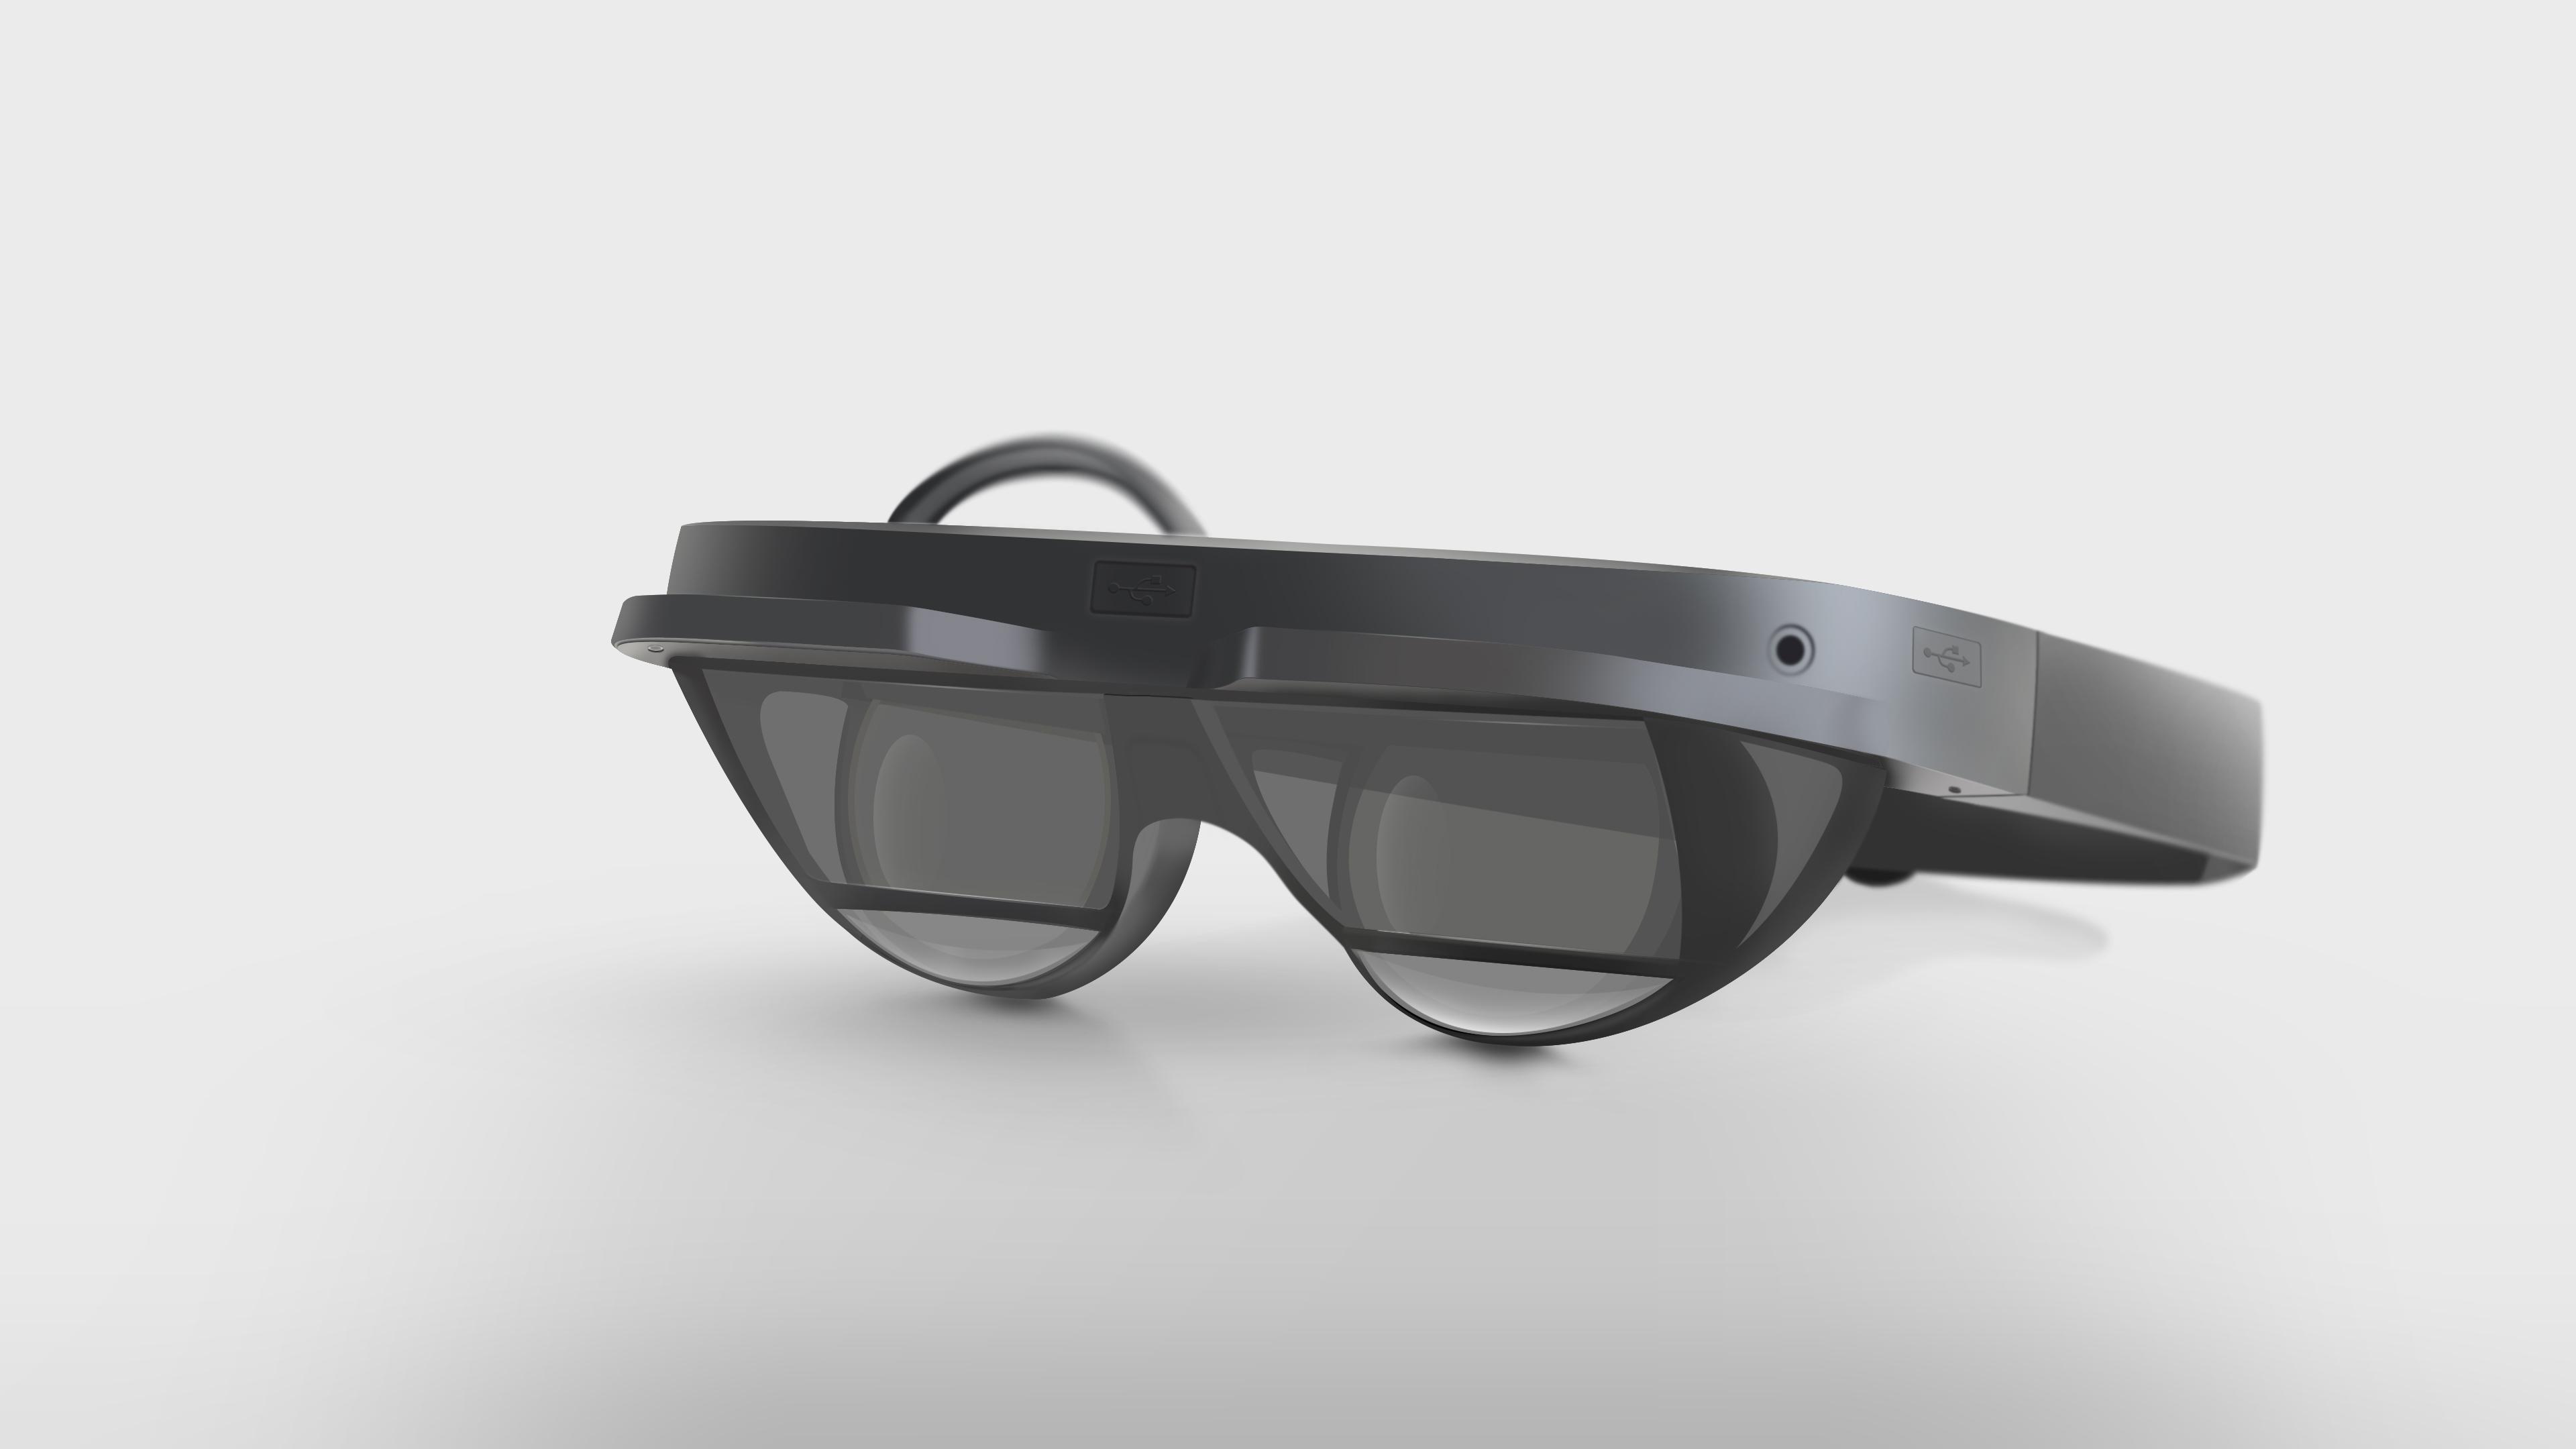 蚁视AR新品MIX上线美国众筹 96°大视角 轻便小巧